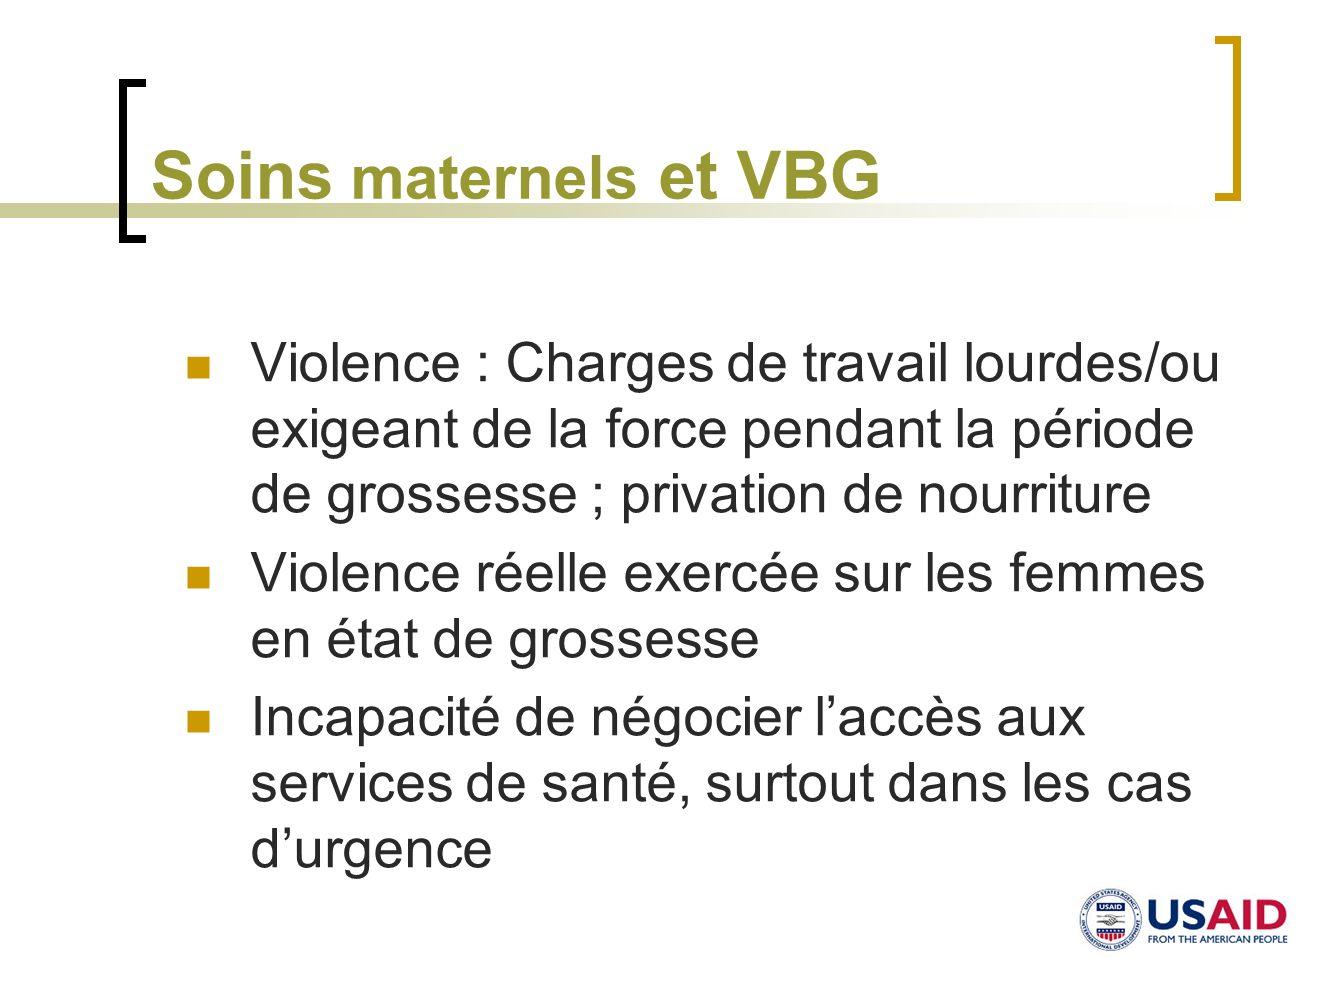 Soins maternels et VBG Violence : Charges de travail lourdes/ou exigeant de la force pendant la période de grossesse ; privation de nourriture.